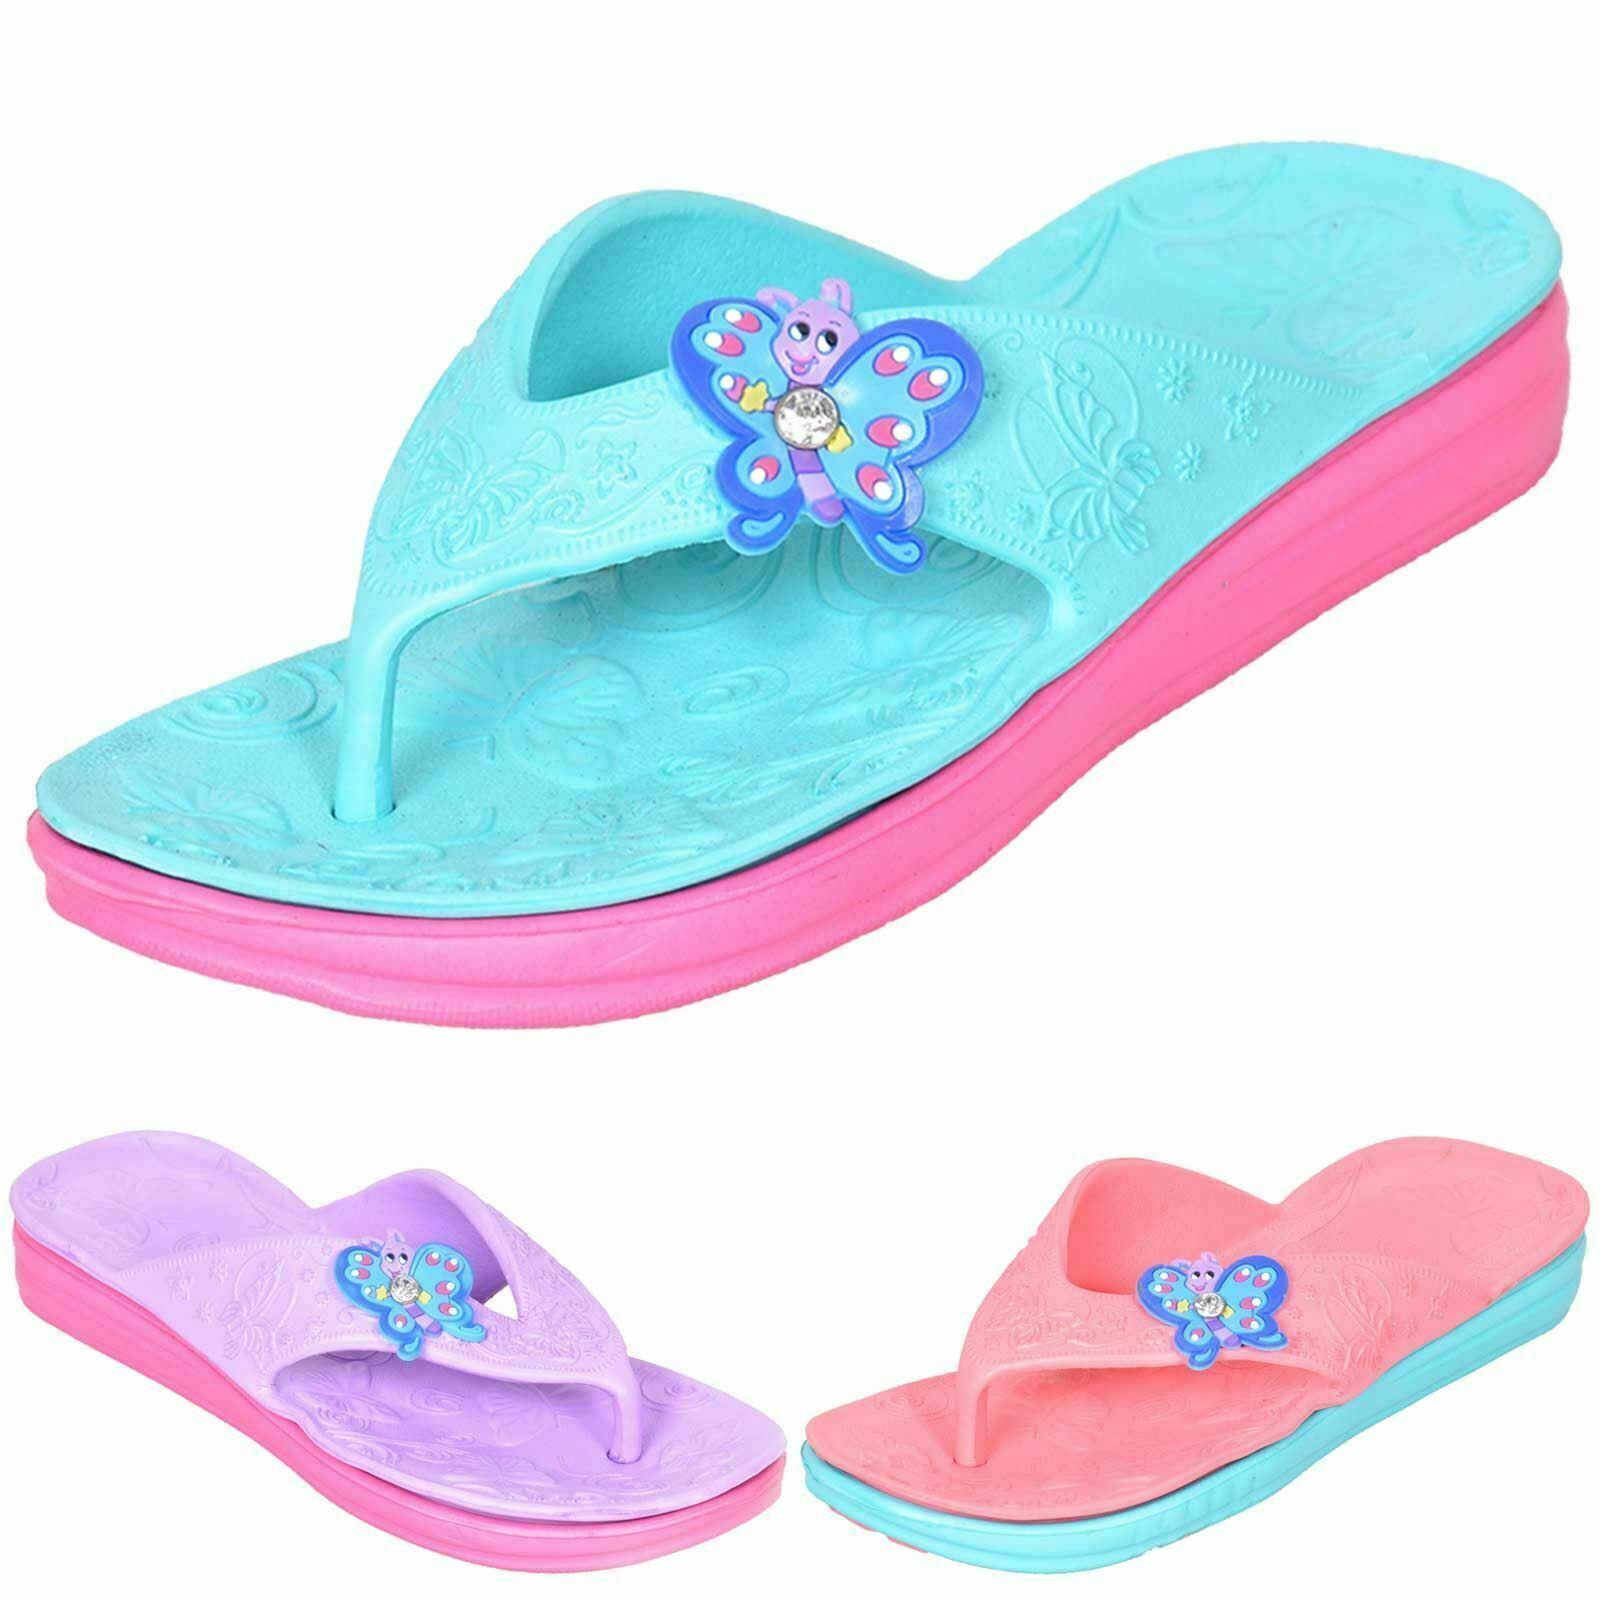 Girls Flip Flops Sandals Summer Beach Pool Holiday Butterfly Kids Flat Toe Post